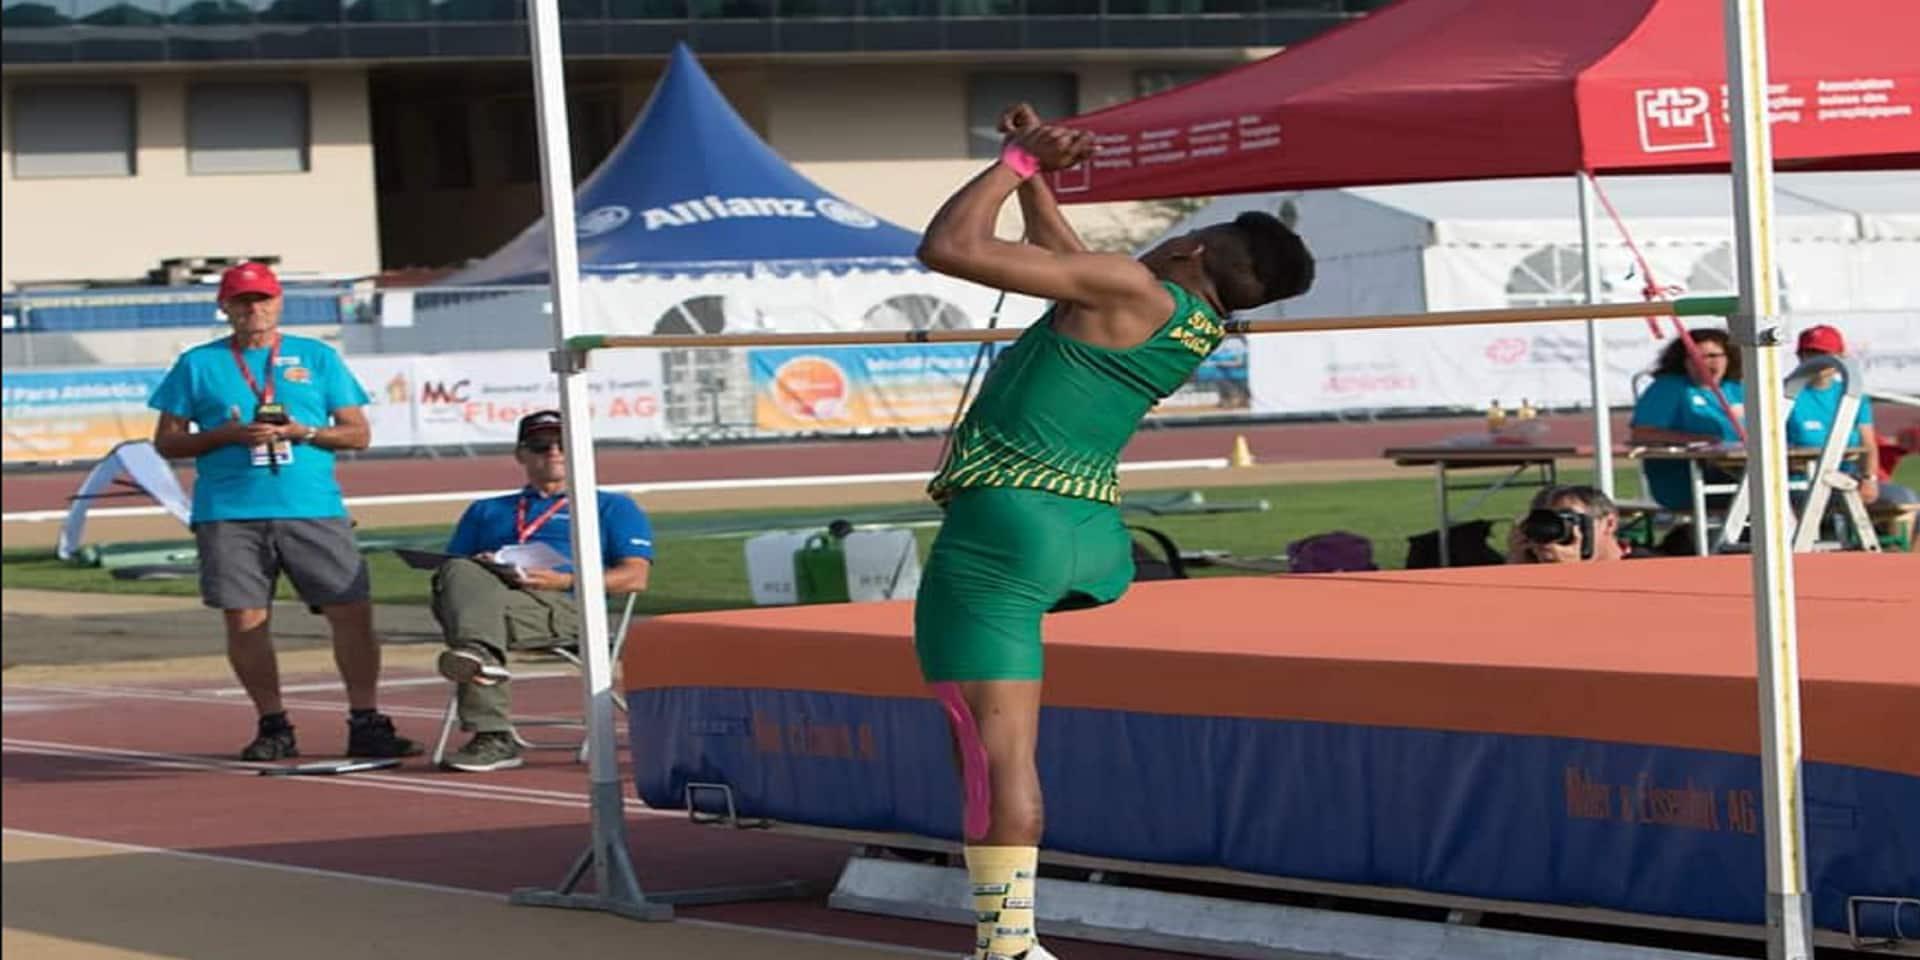 Un jeune athlète unijambiste réalise un saut en hauteur grandiose (VIDEO)